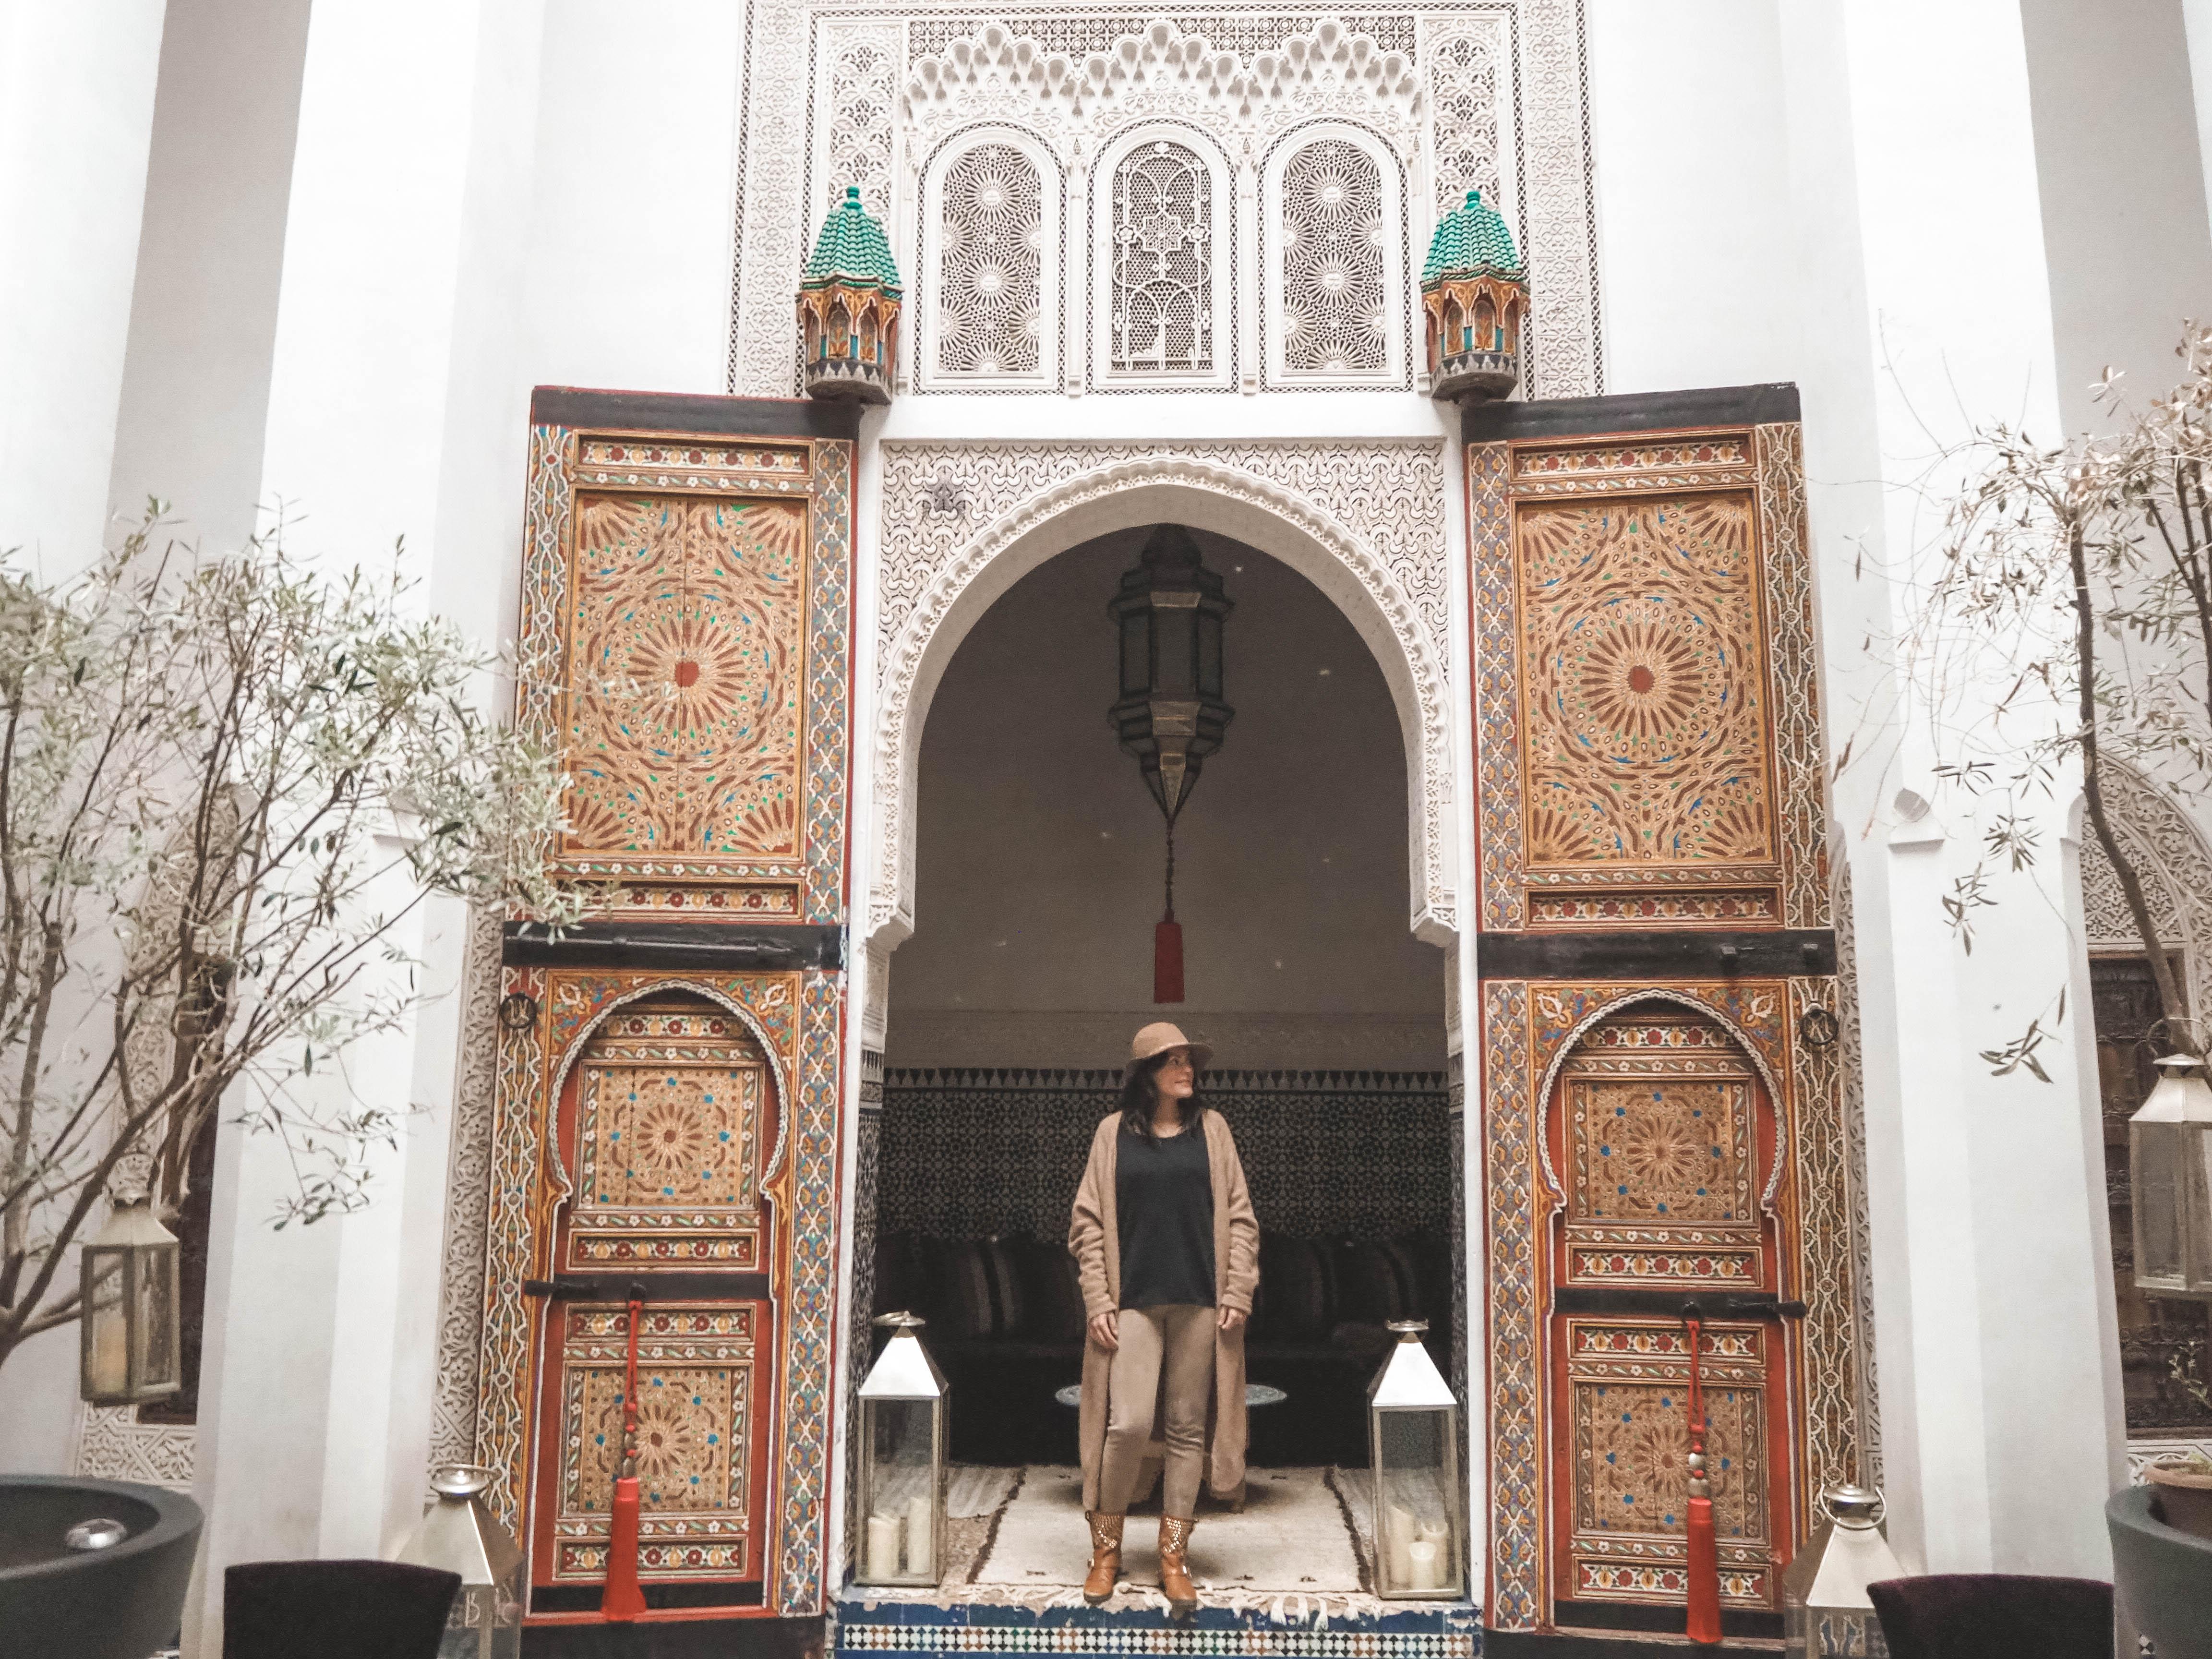 Donde alojarse en Marruecos